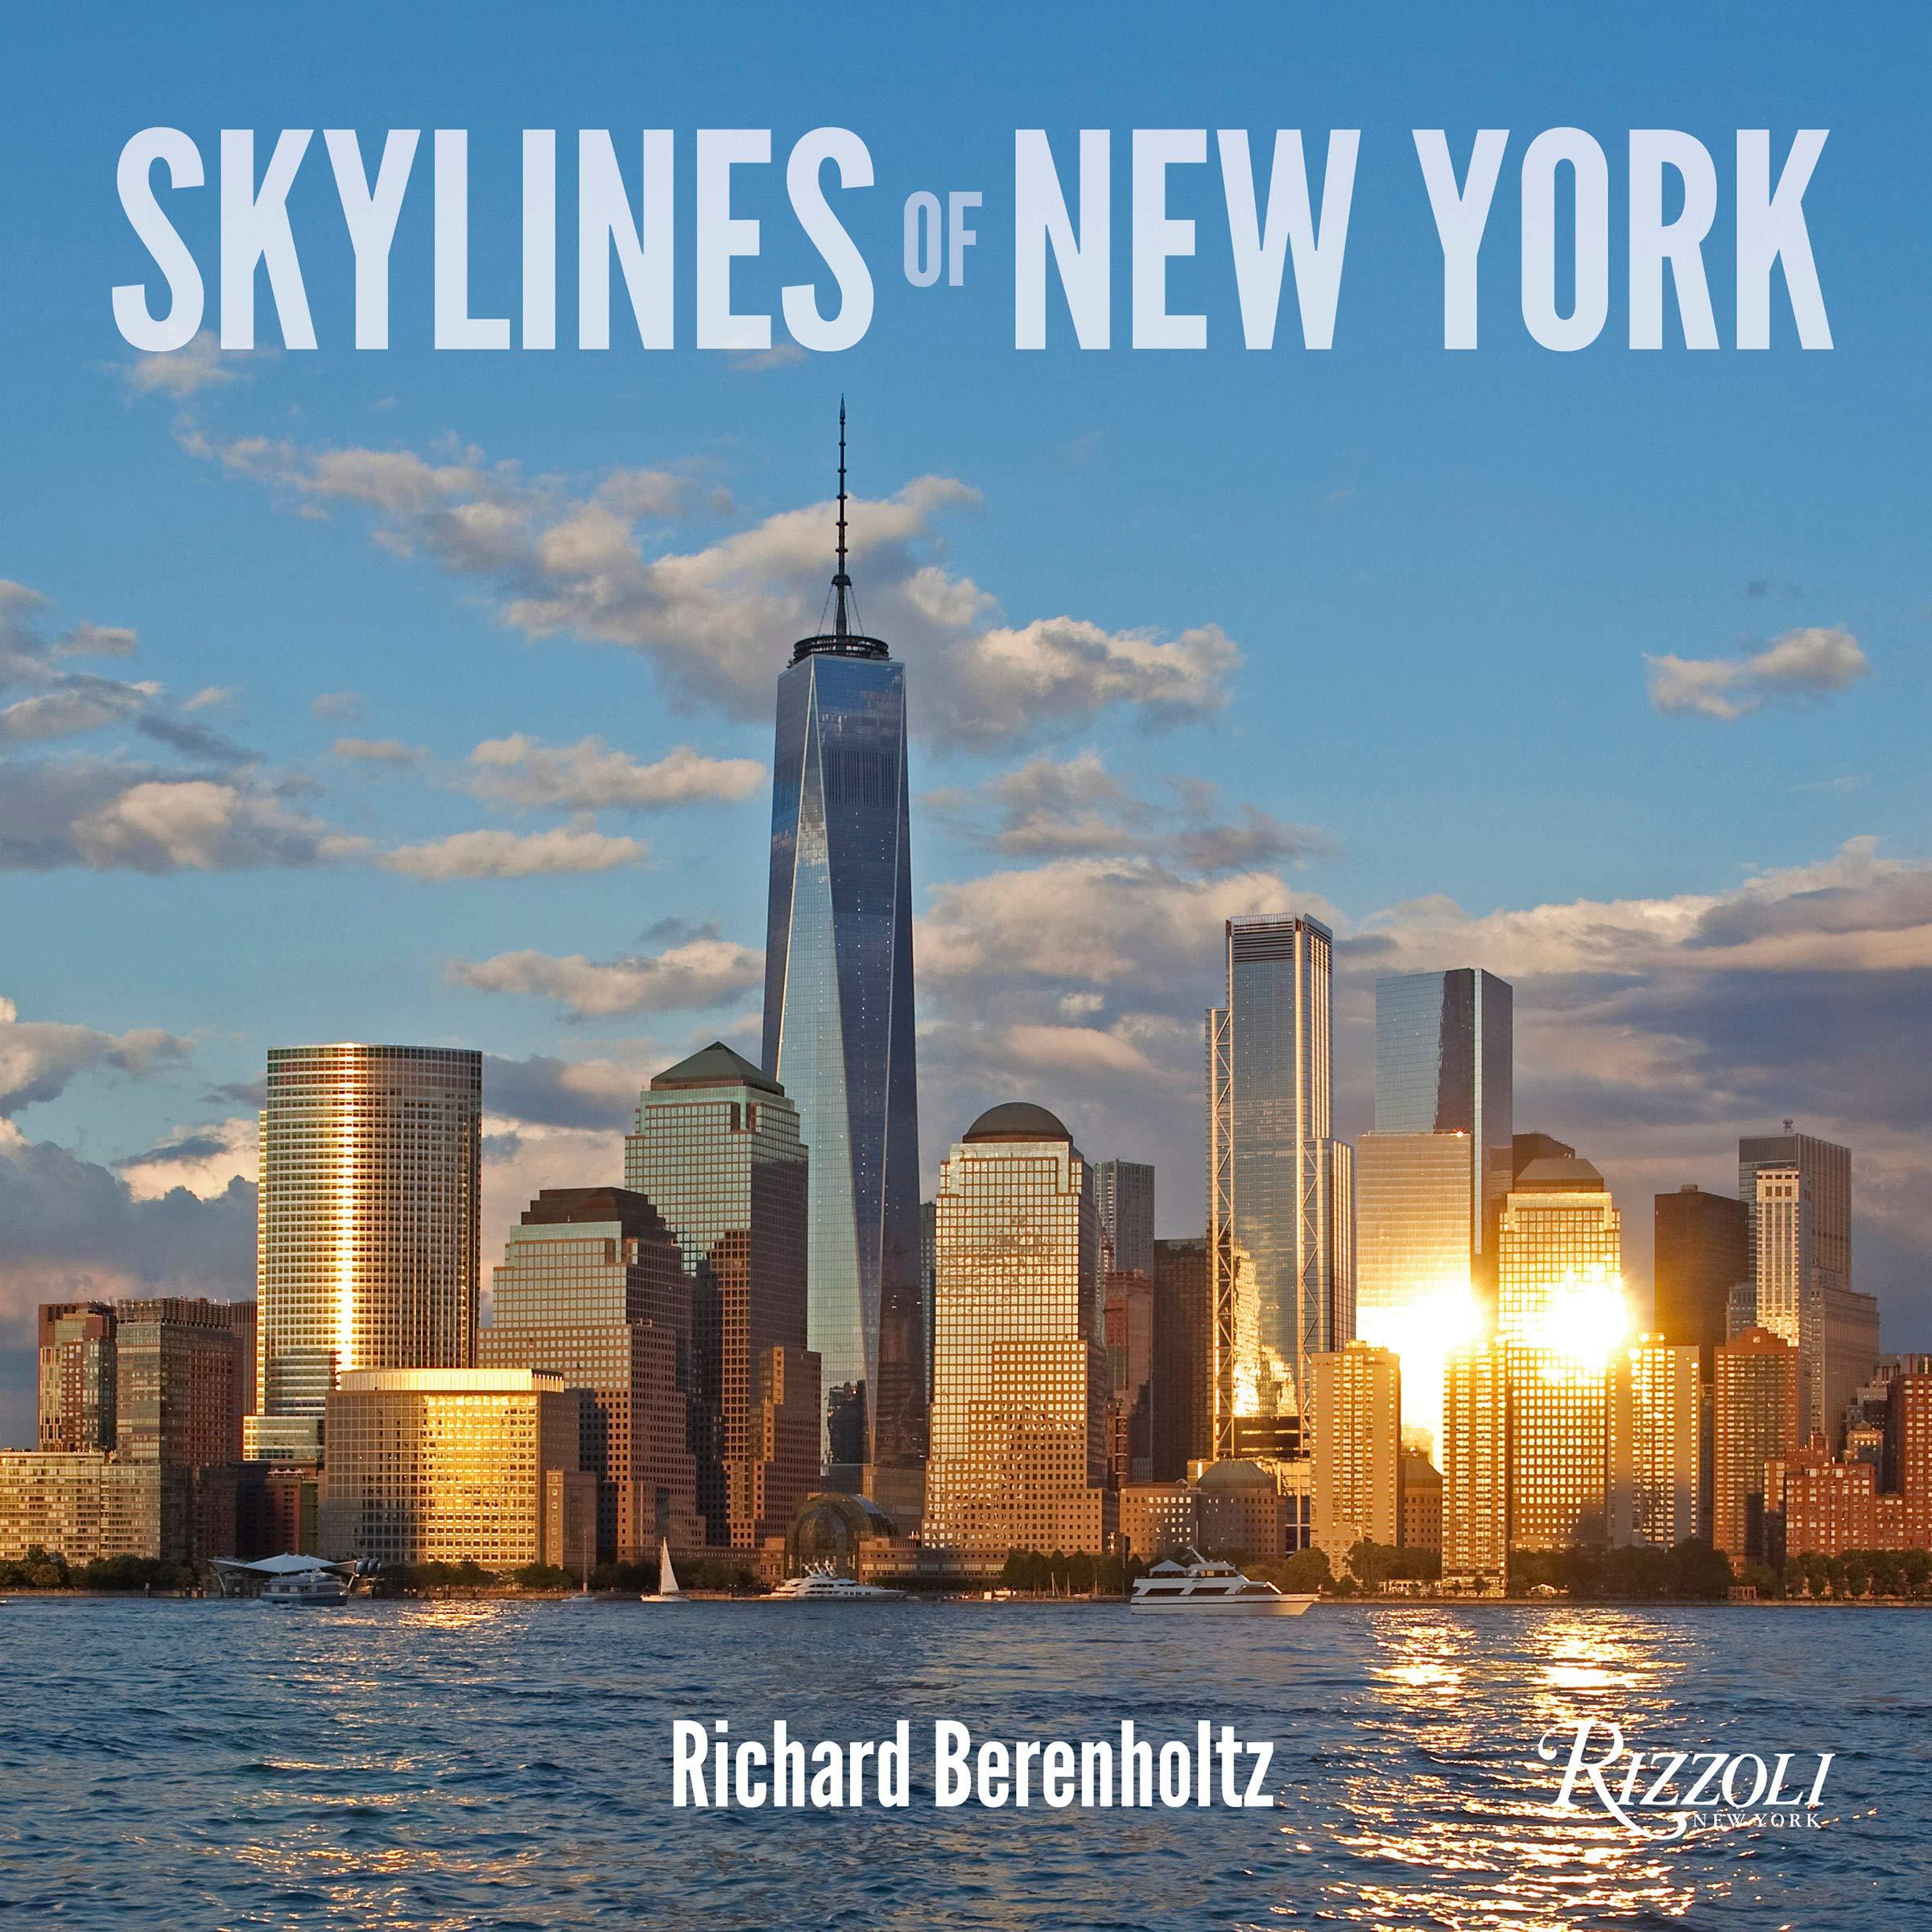 New York Best Sellers 2020.Skylines Of New York Richard Berenholtz 9781599621586